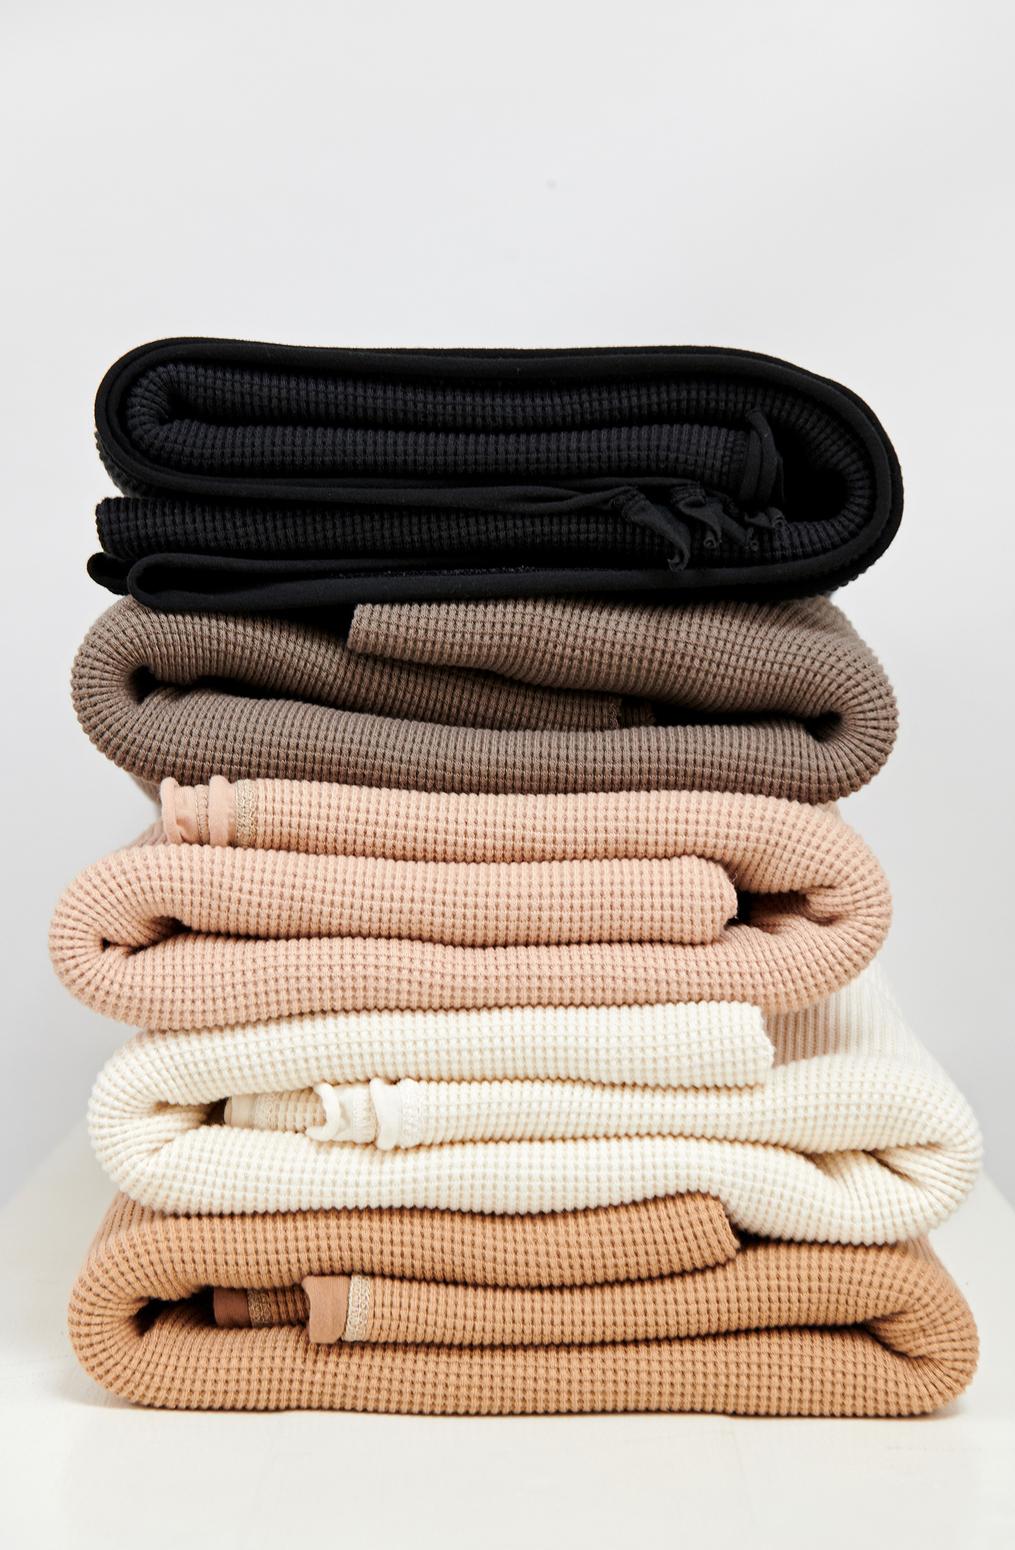 Alabama chanin waffle knit blanket 1